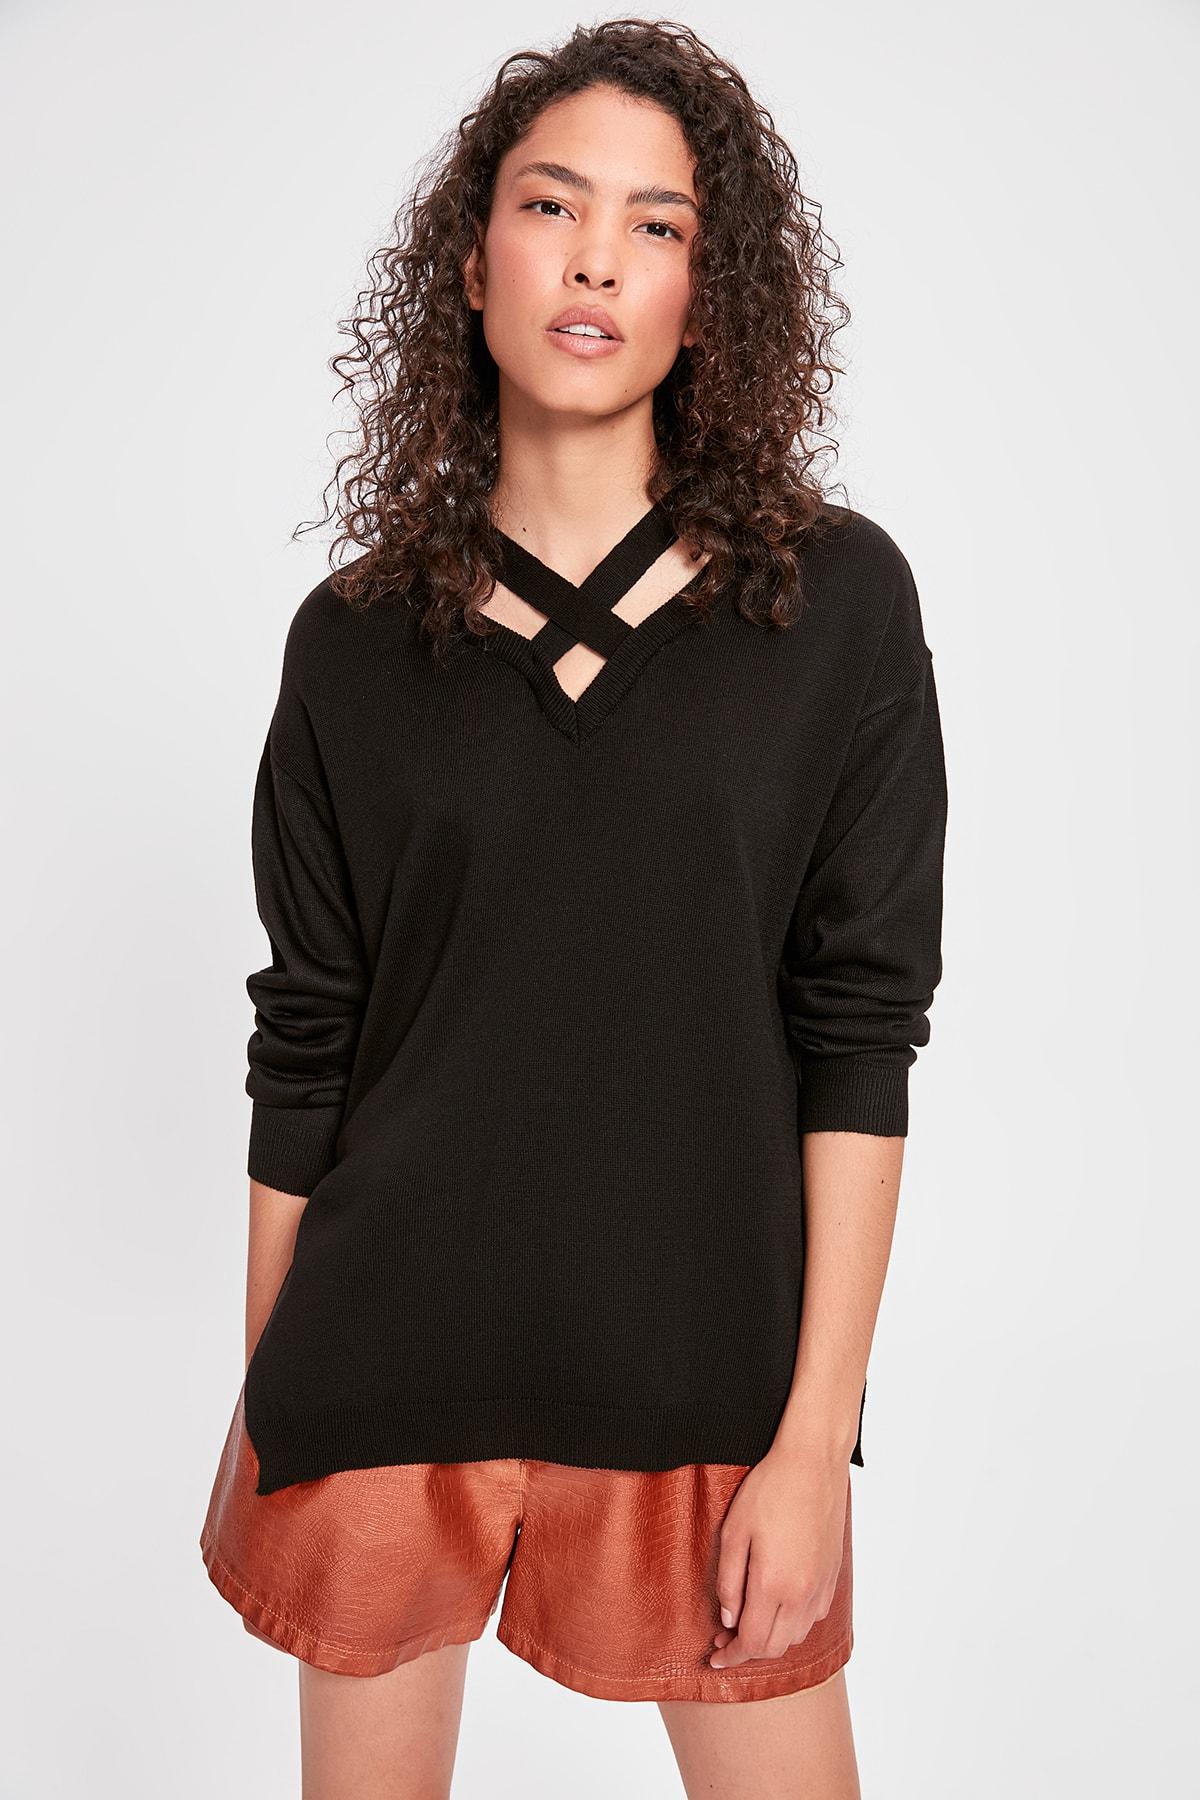 Trendyol Black Collar Detailed Knitwear Sweater TWOAW20KZ0186